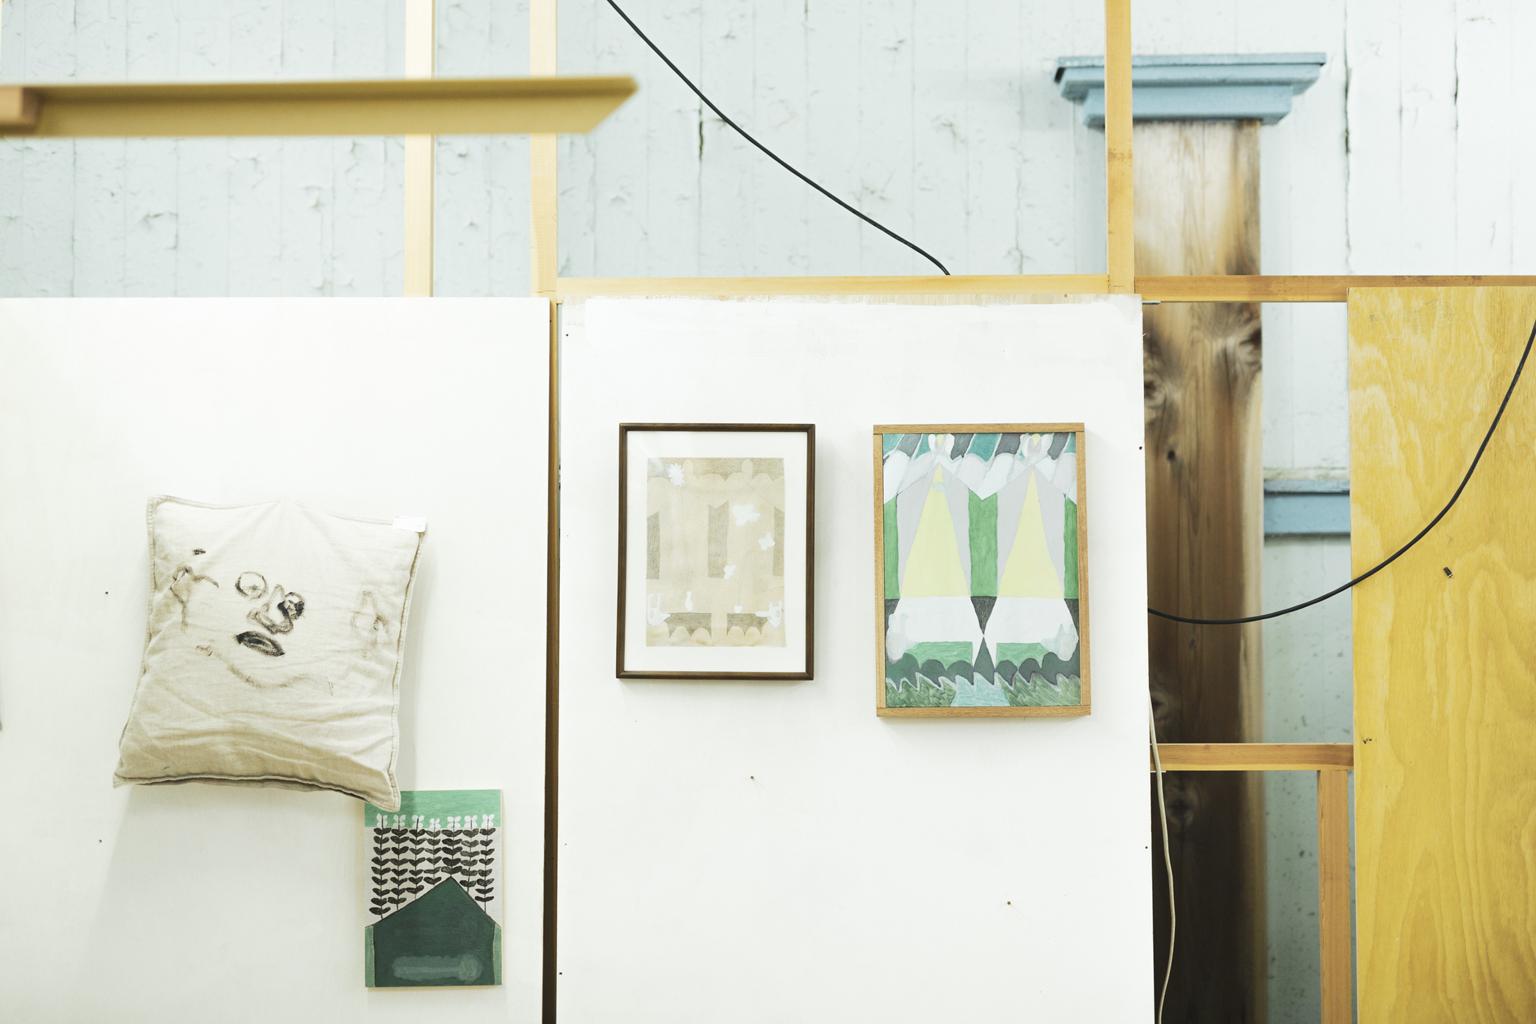 「四谷未確認スタジオ」黒坂祐さんのアトリエスペース。作品が壁に飾られている